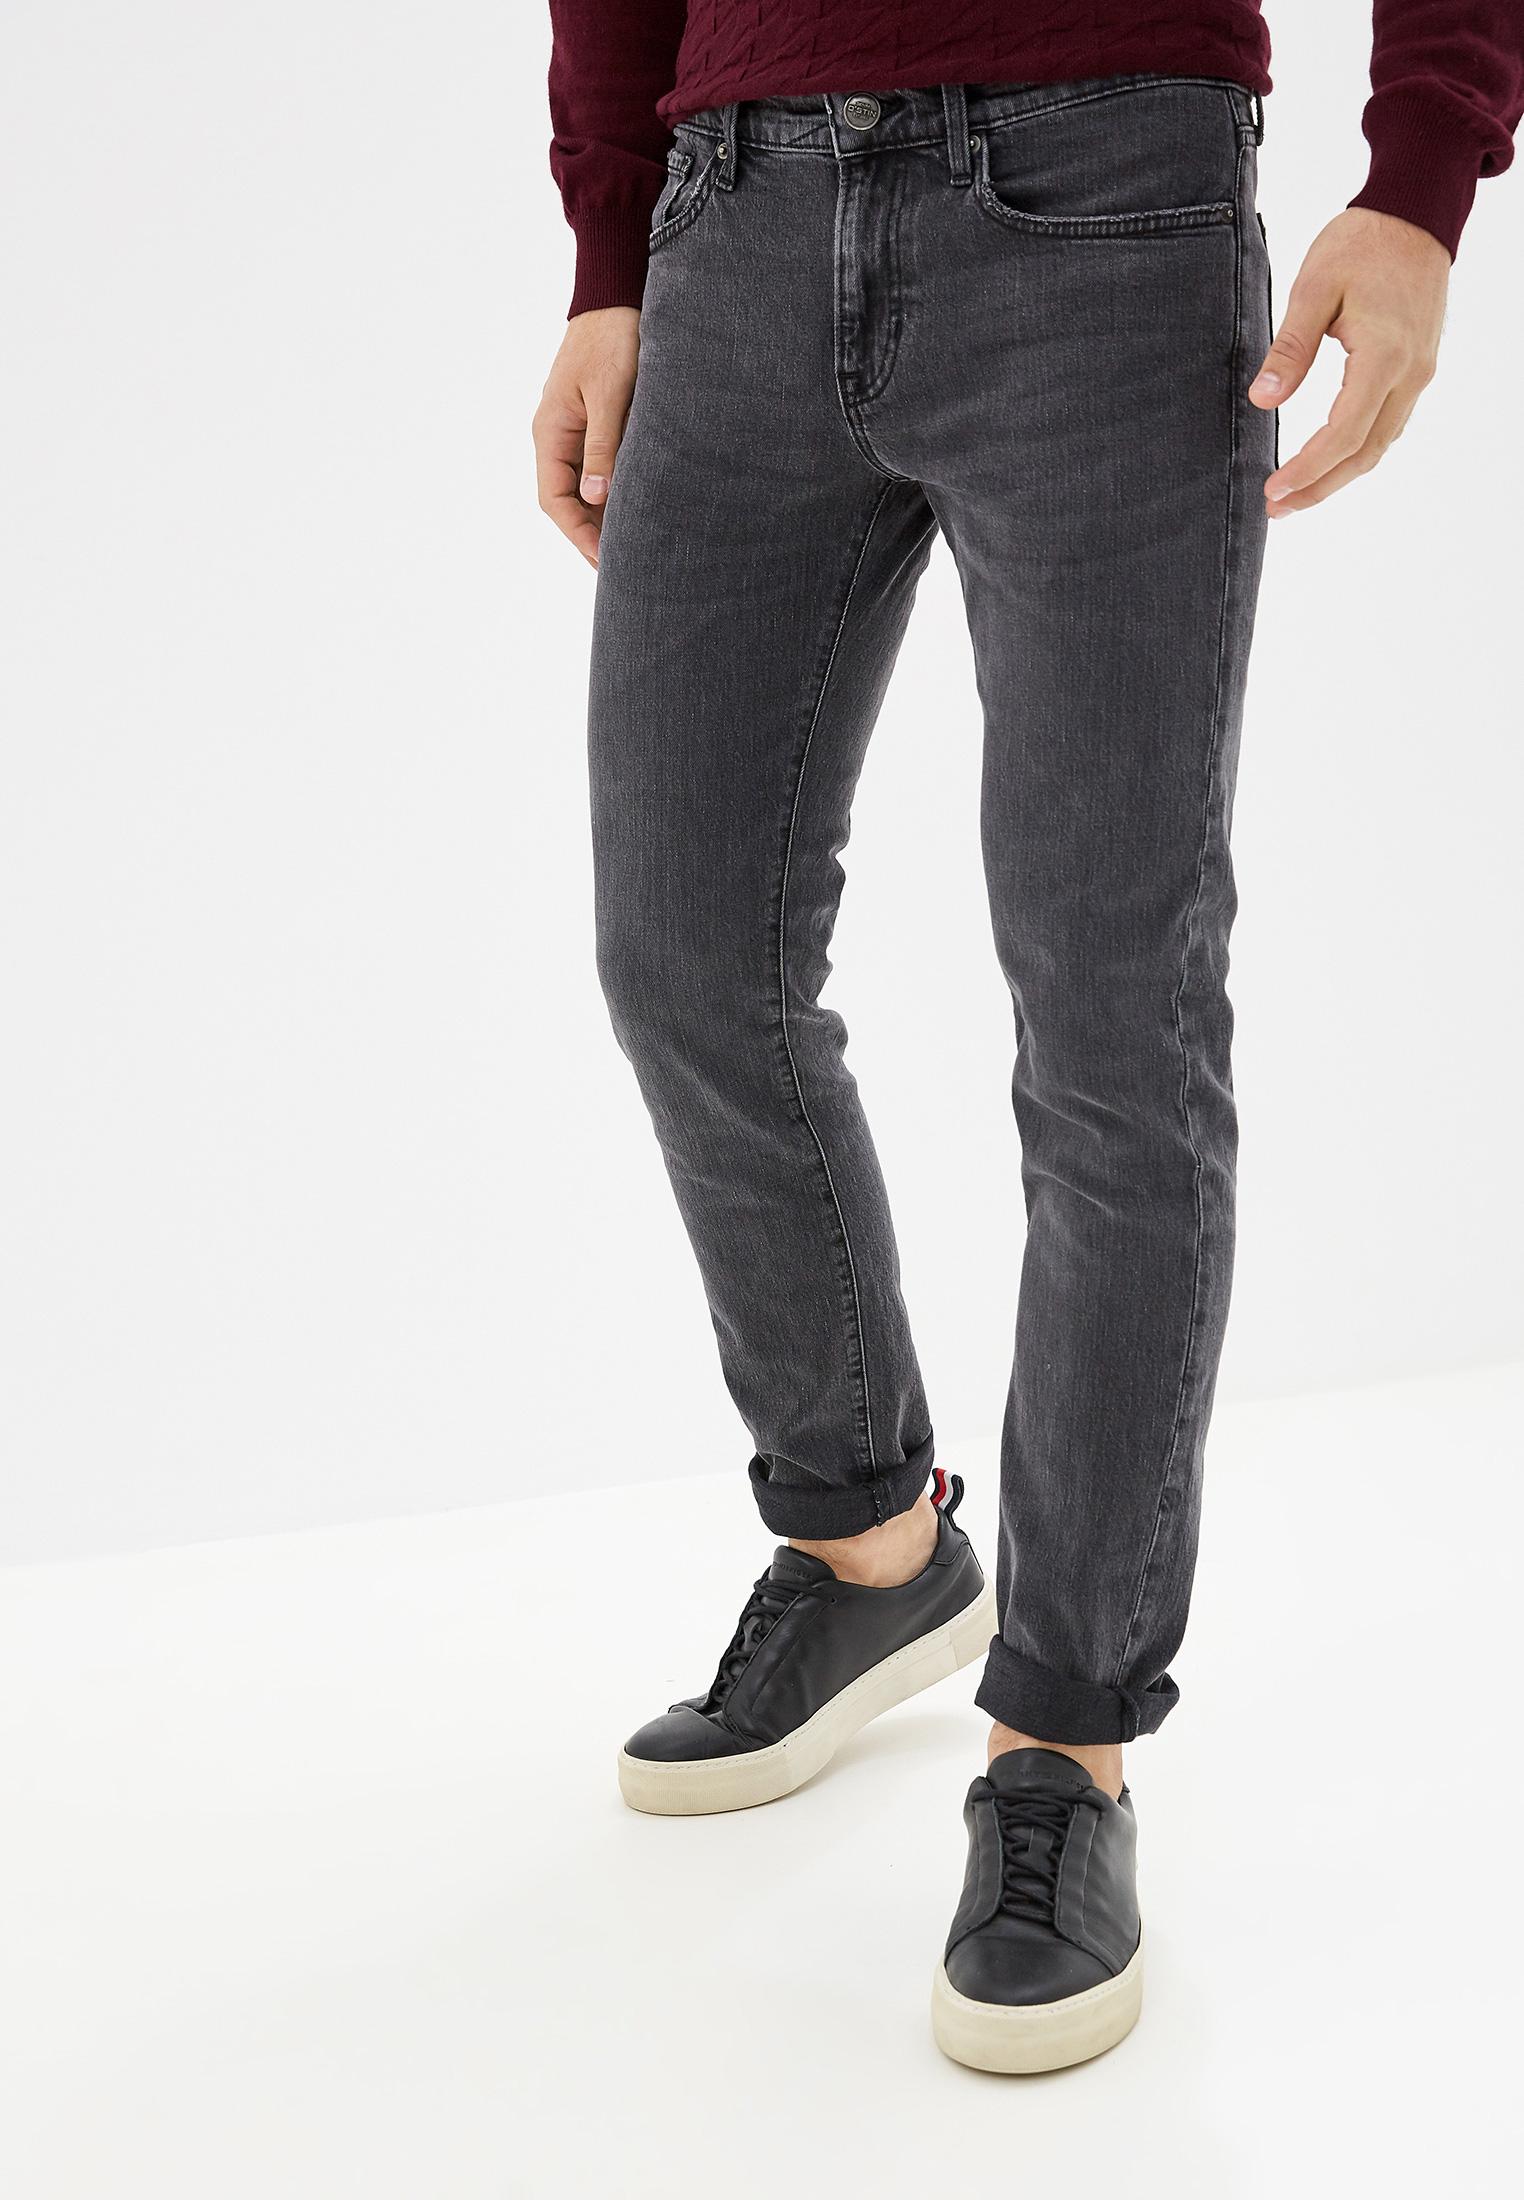 Зауженные джинсы O'stin MP2V51